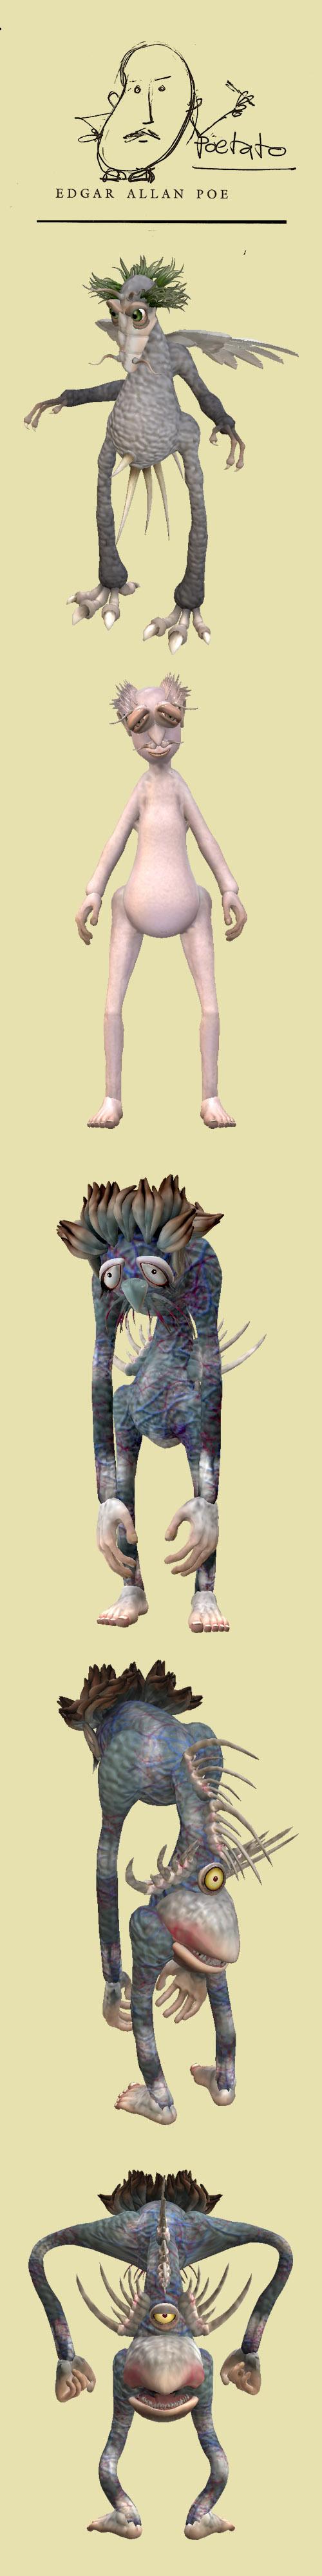 Spore_the_raven